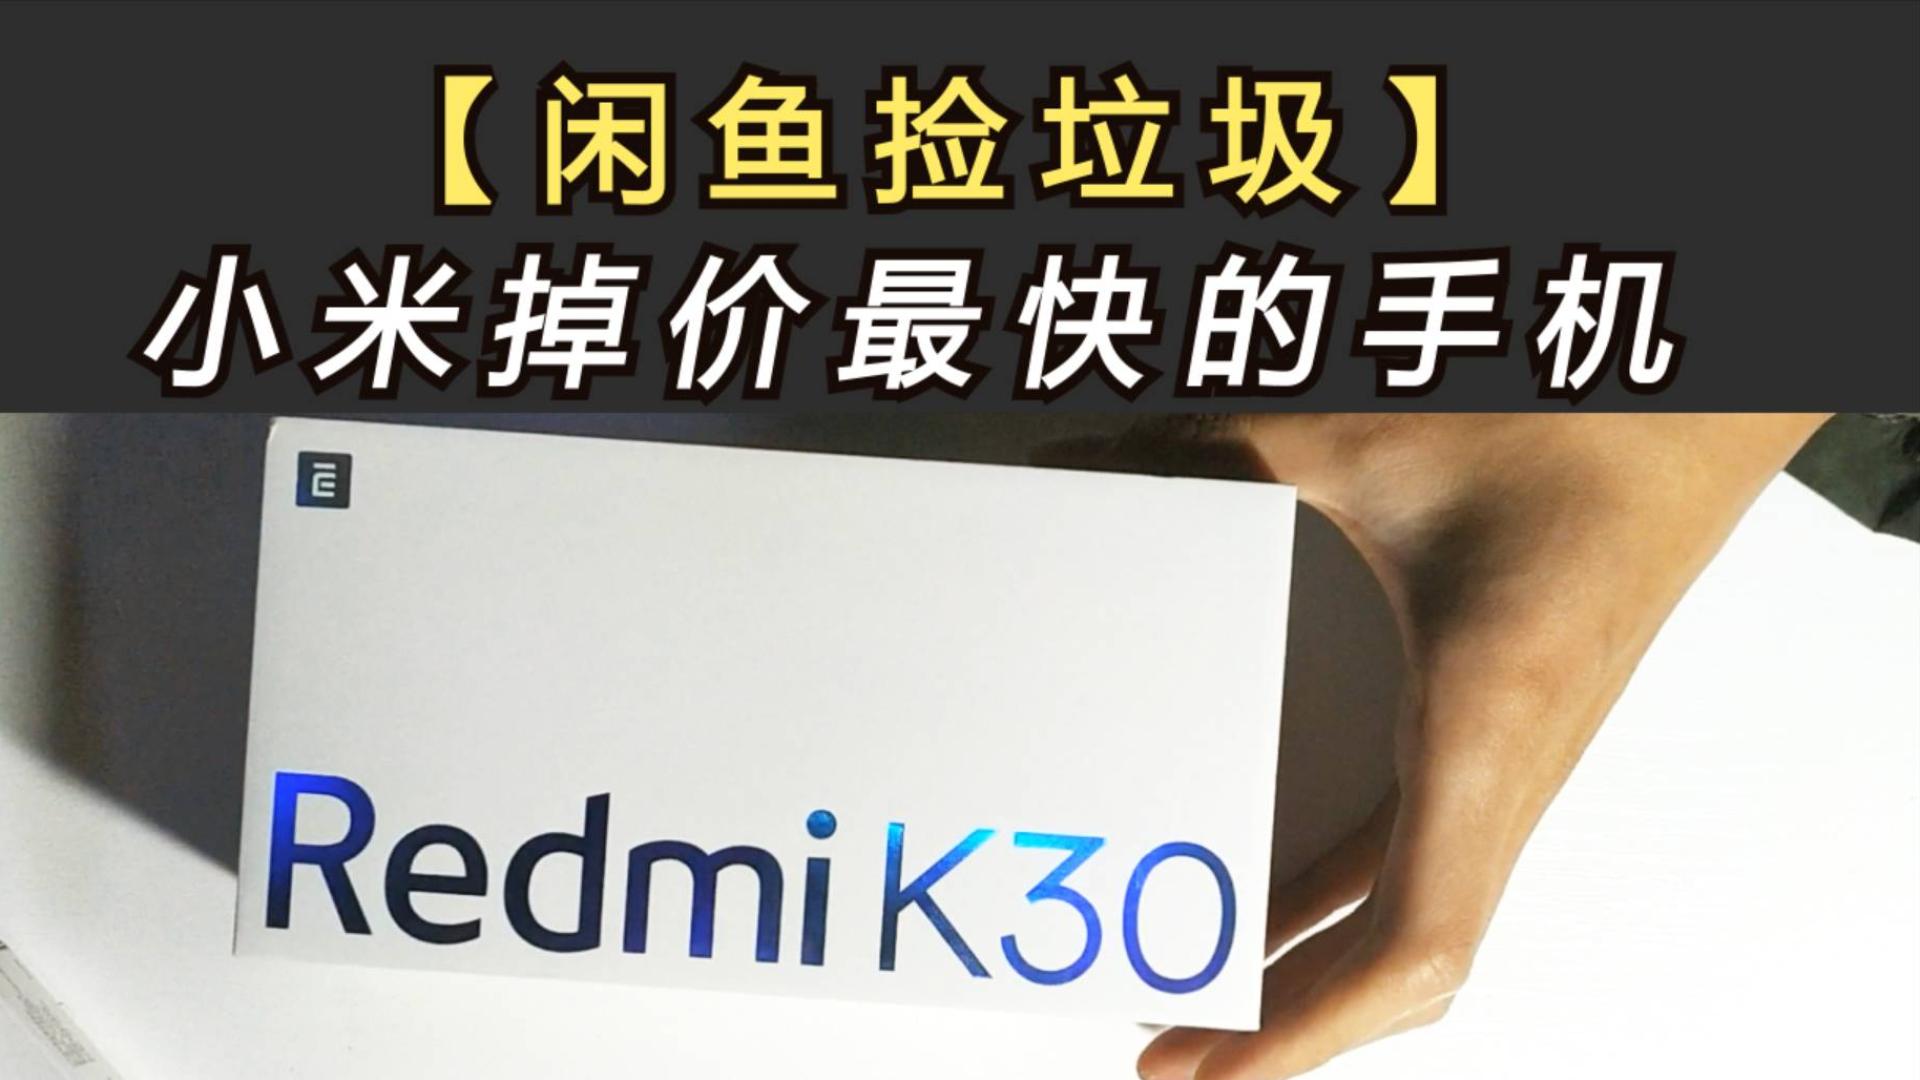 【捡垃圾】小米掉价最快的手机!红米K30!